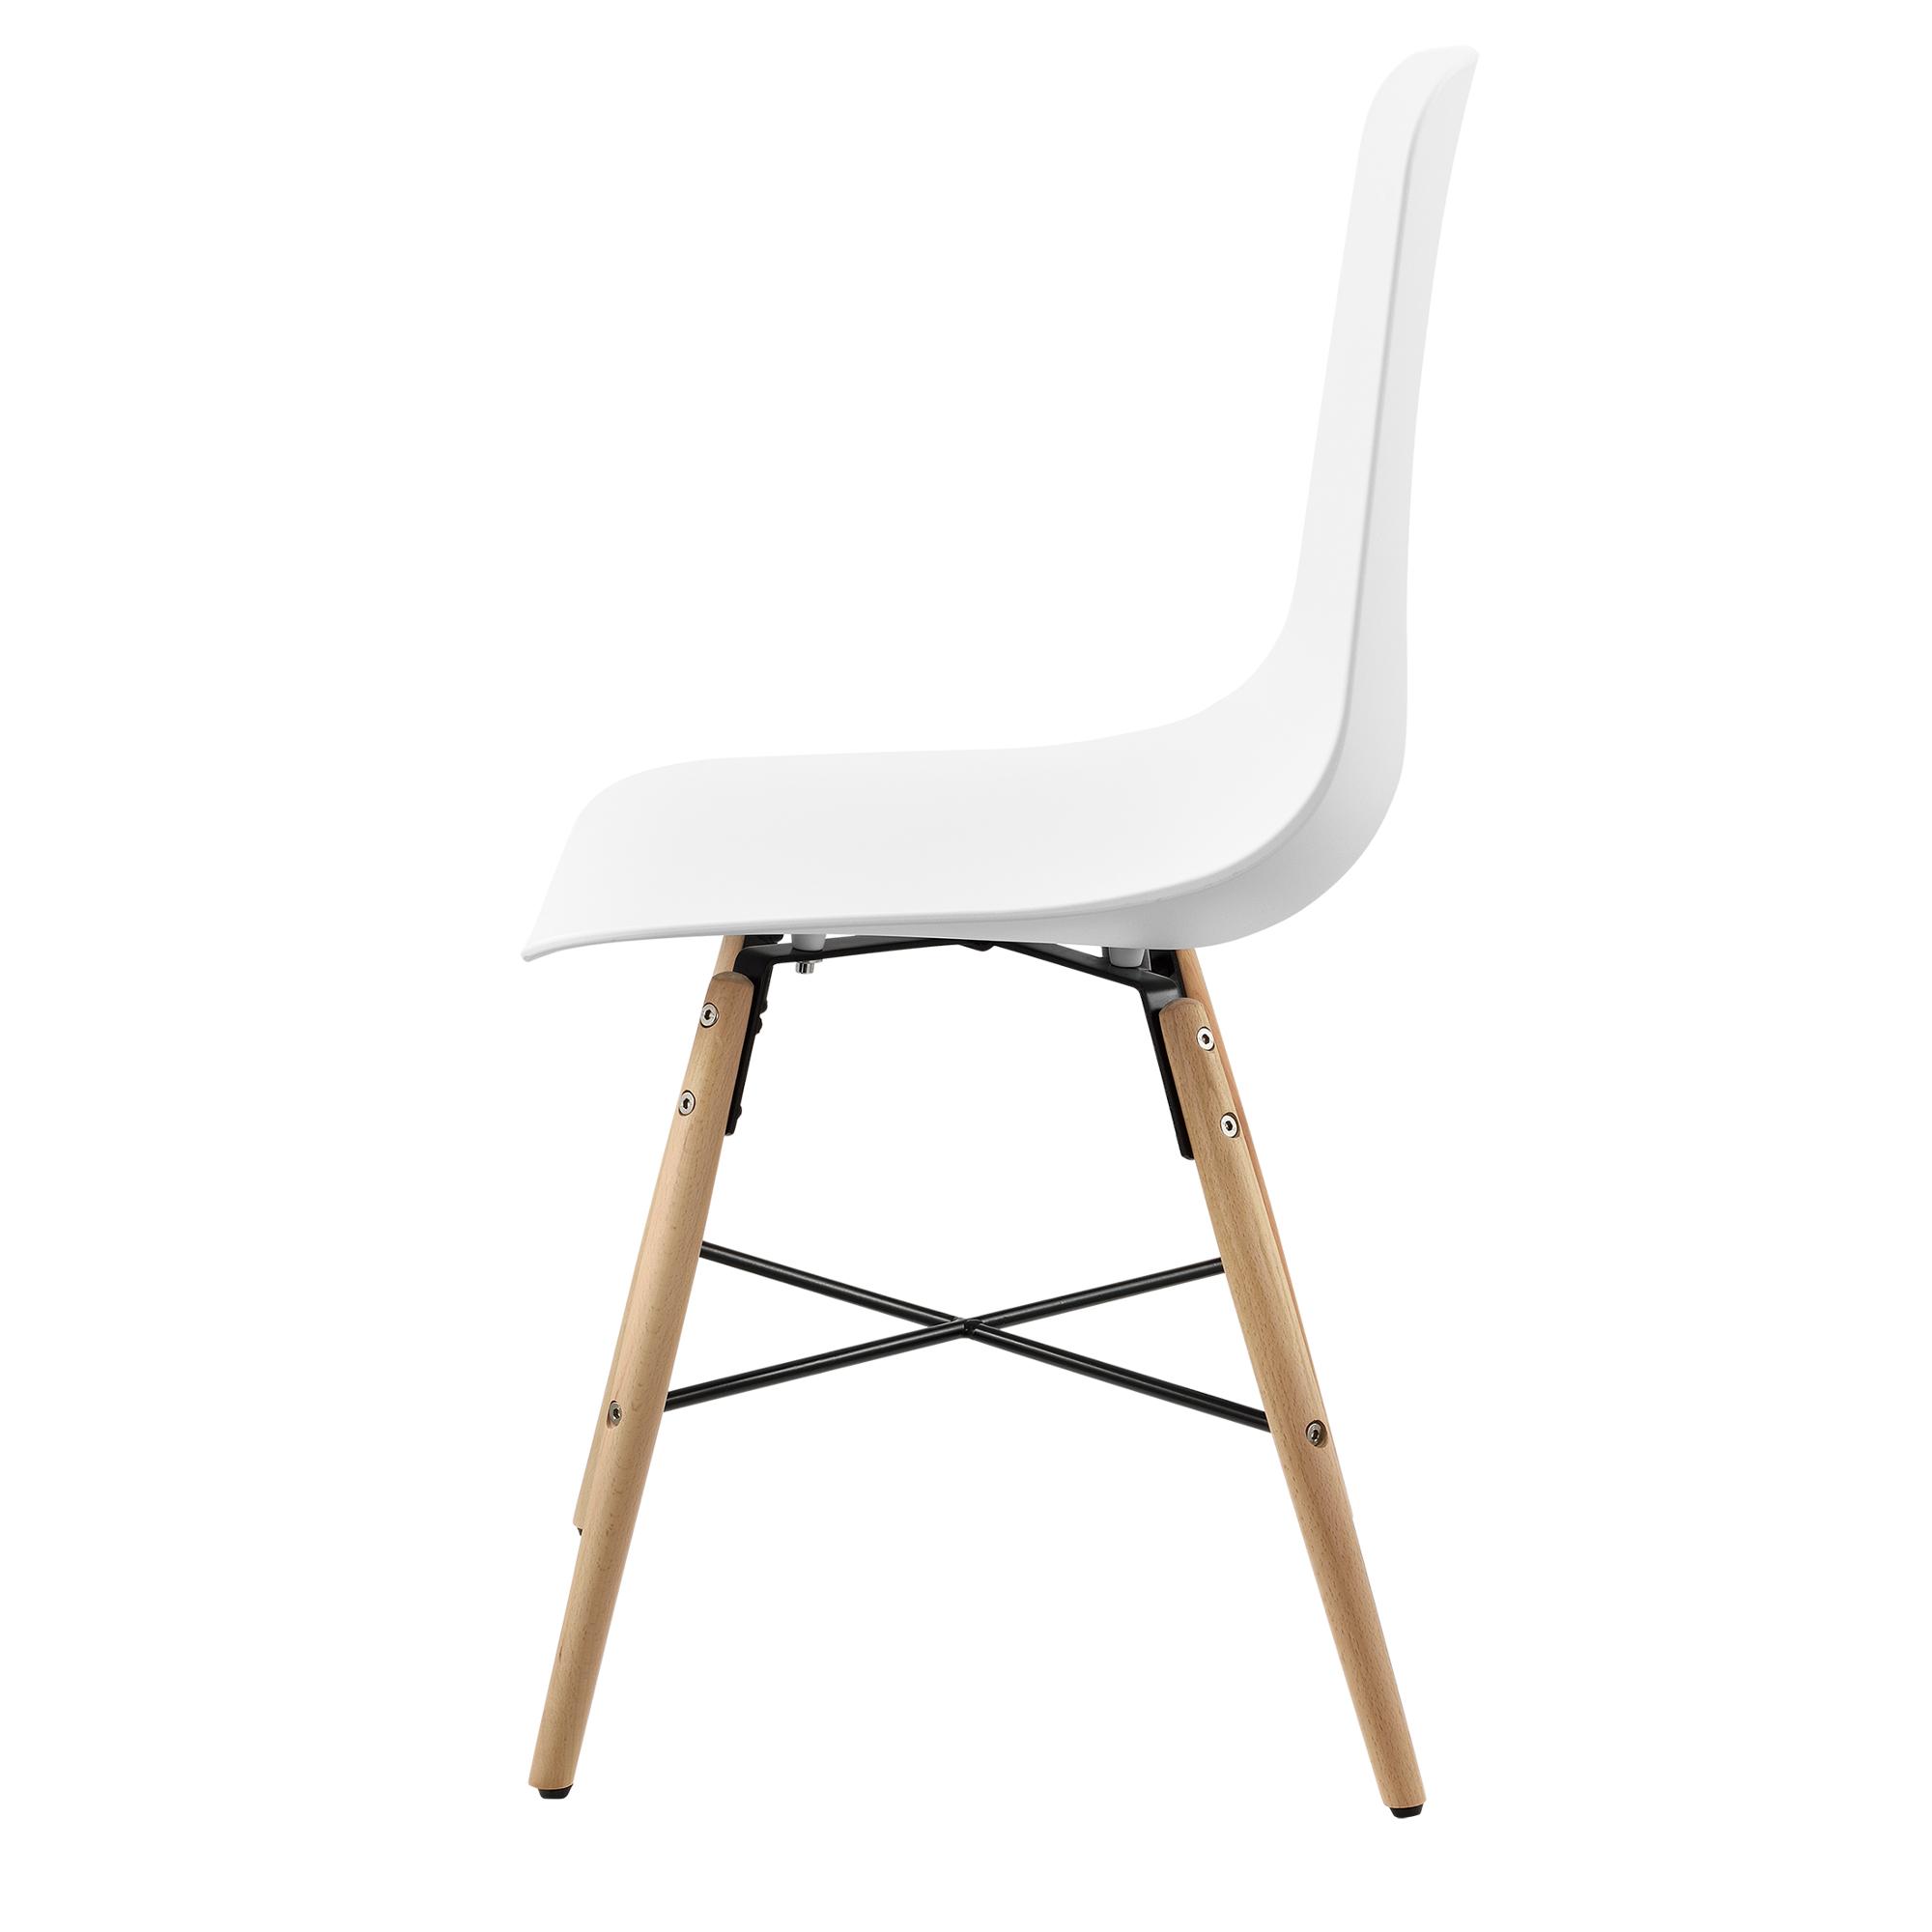 6er set chaise de salle manger plastique blanc for Chaise design plastique salle a manger